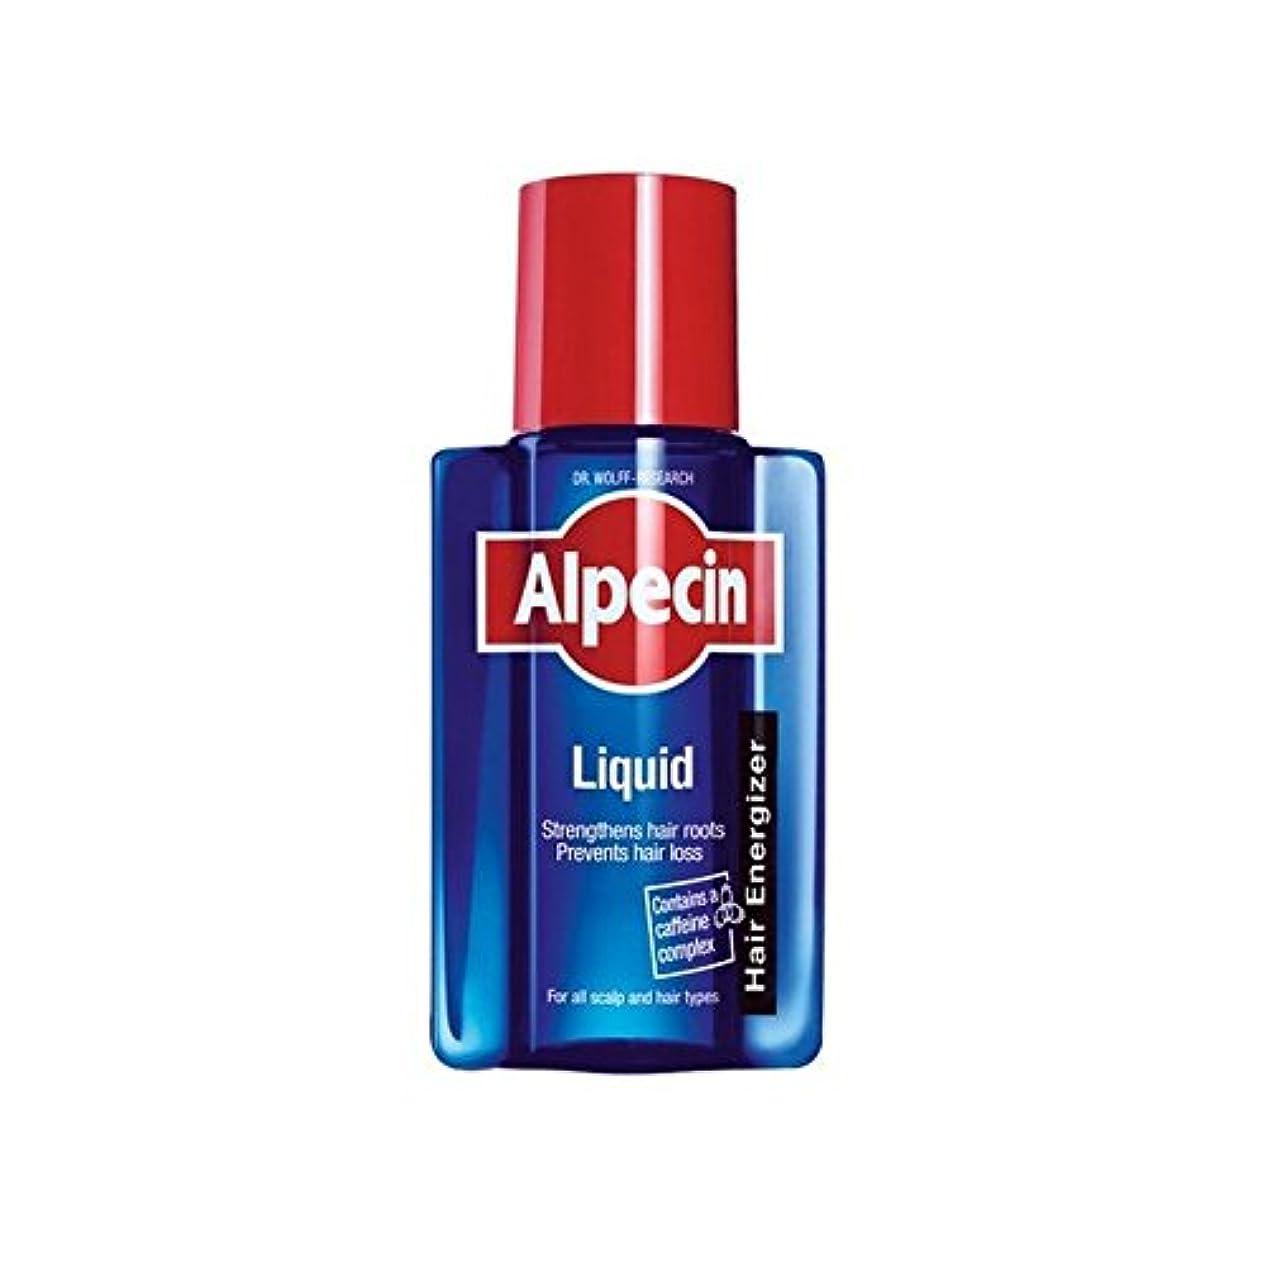 男やもめ検索エンジンマーケティングストラトフォードオンエイボン液体(200)中 x4 - Alpecin Liquid (200ml) (Pack of 4) [並行輸入品]